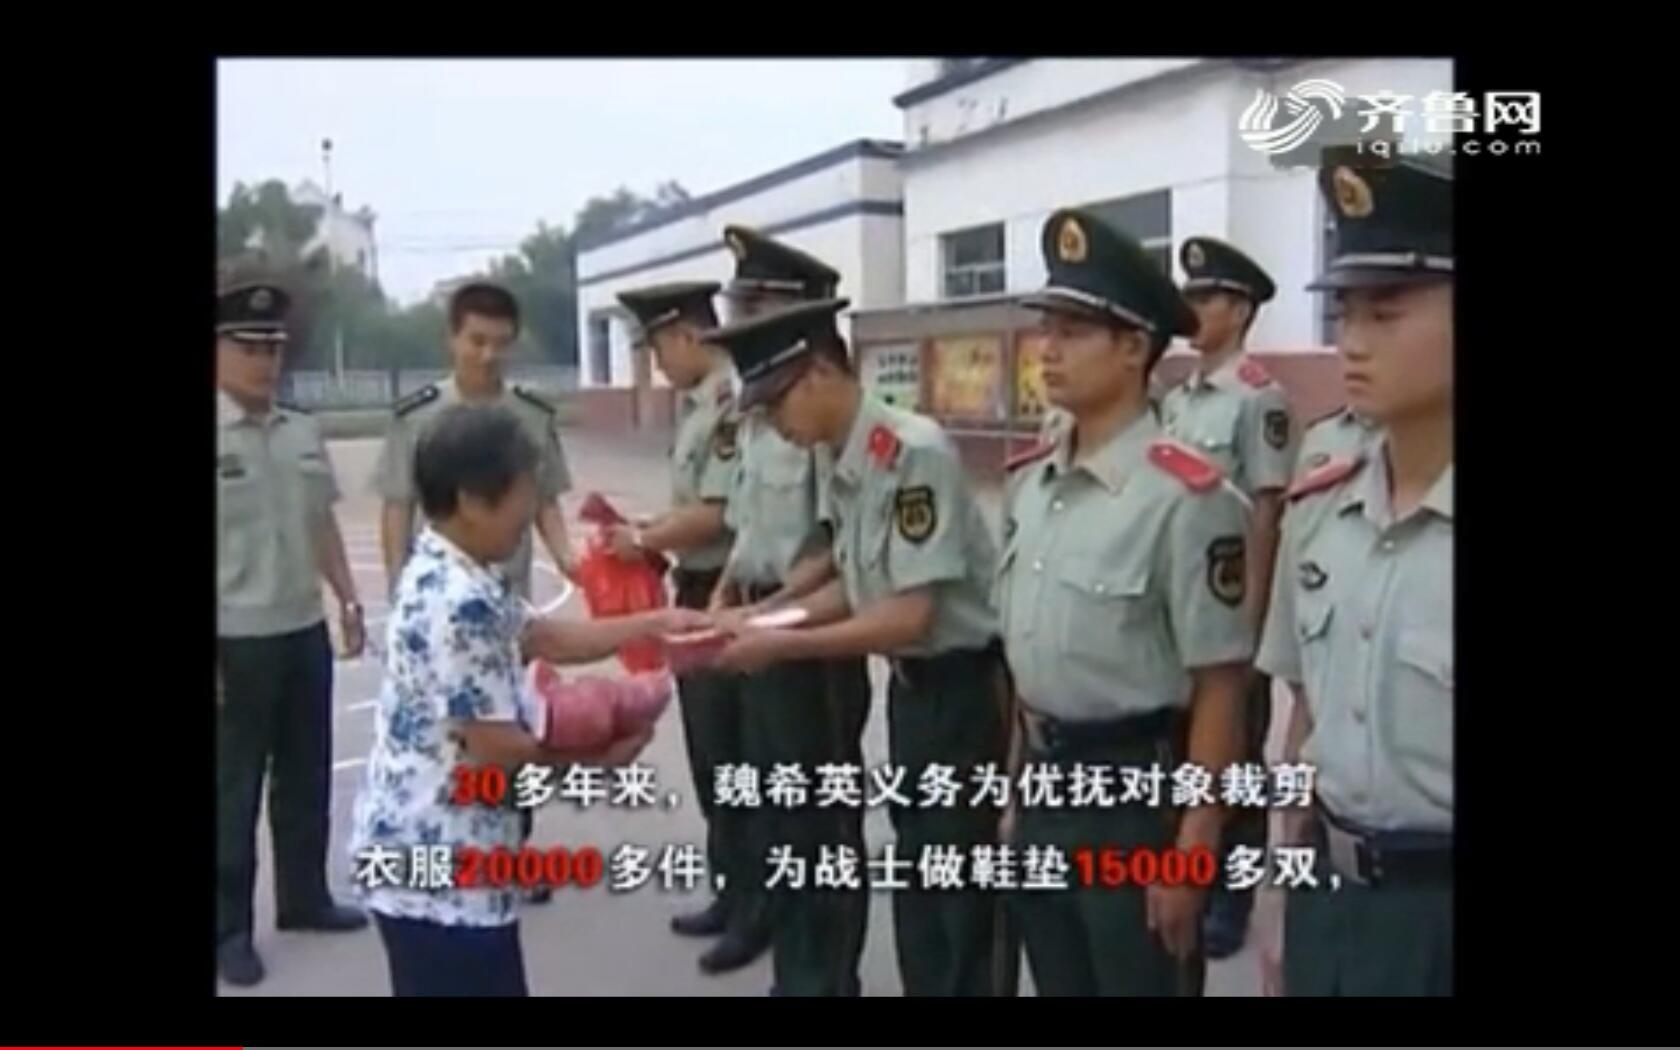 利津县汀罗镇第一中学-陈建刚《老党员的清廉拥军路》